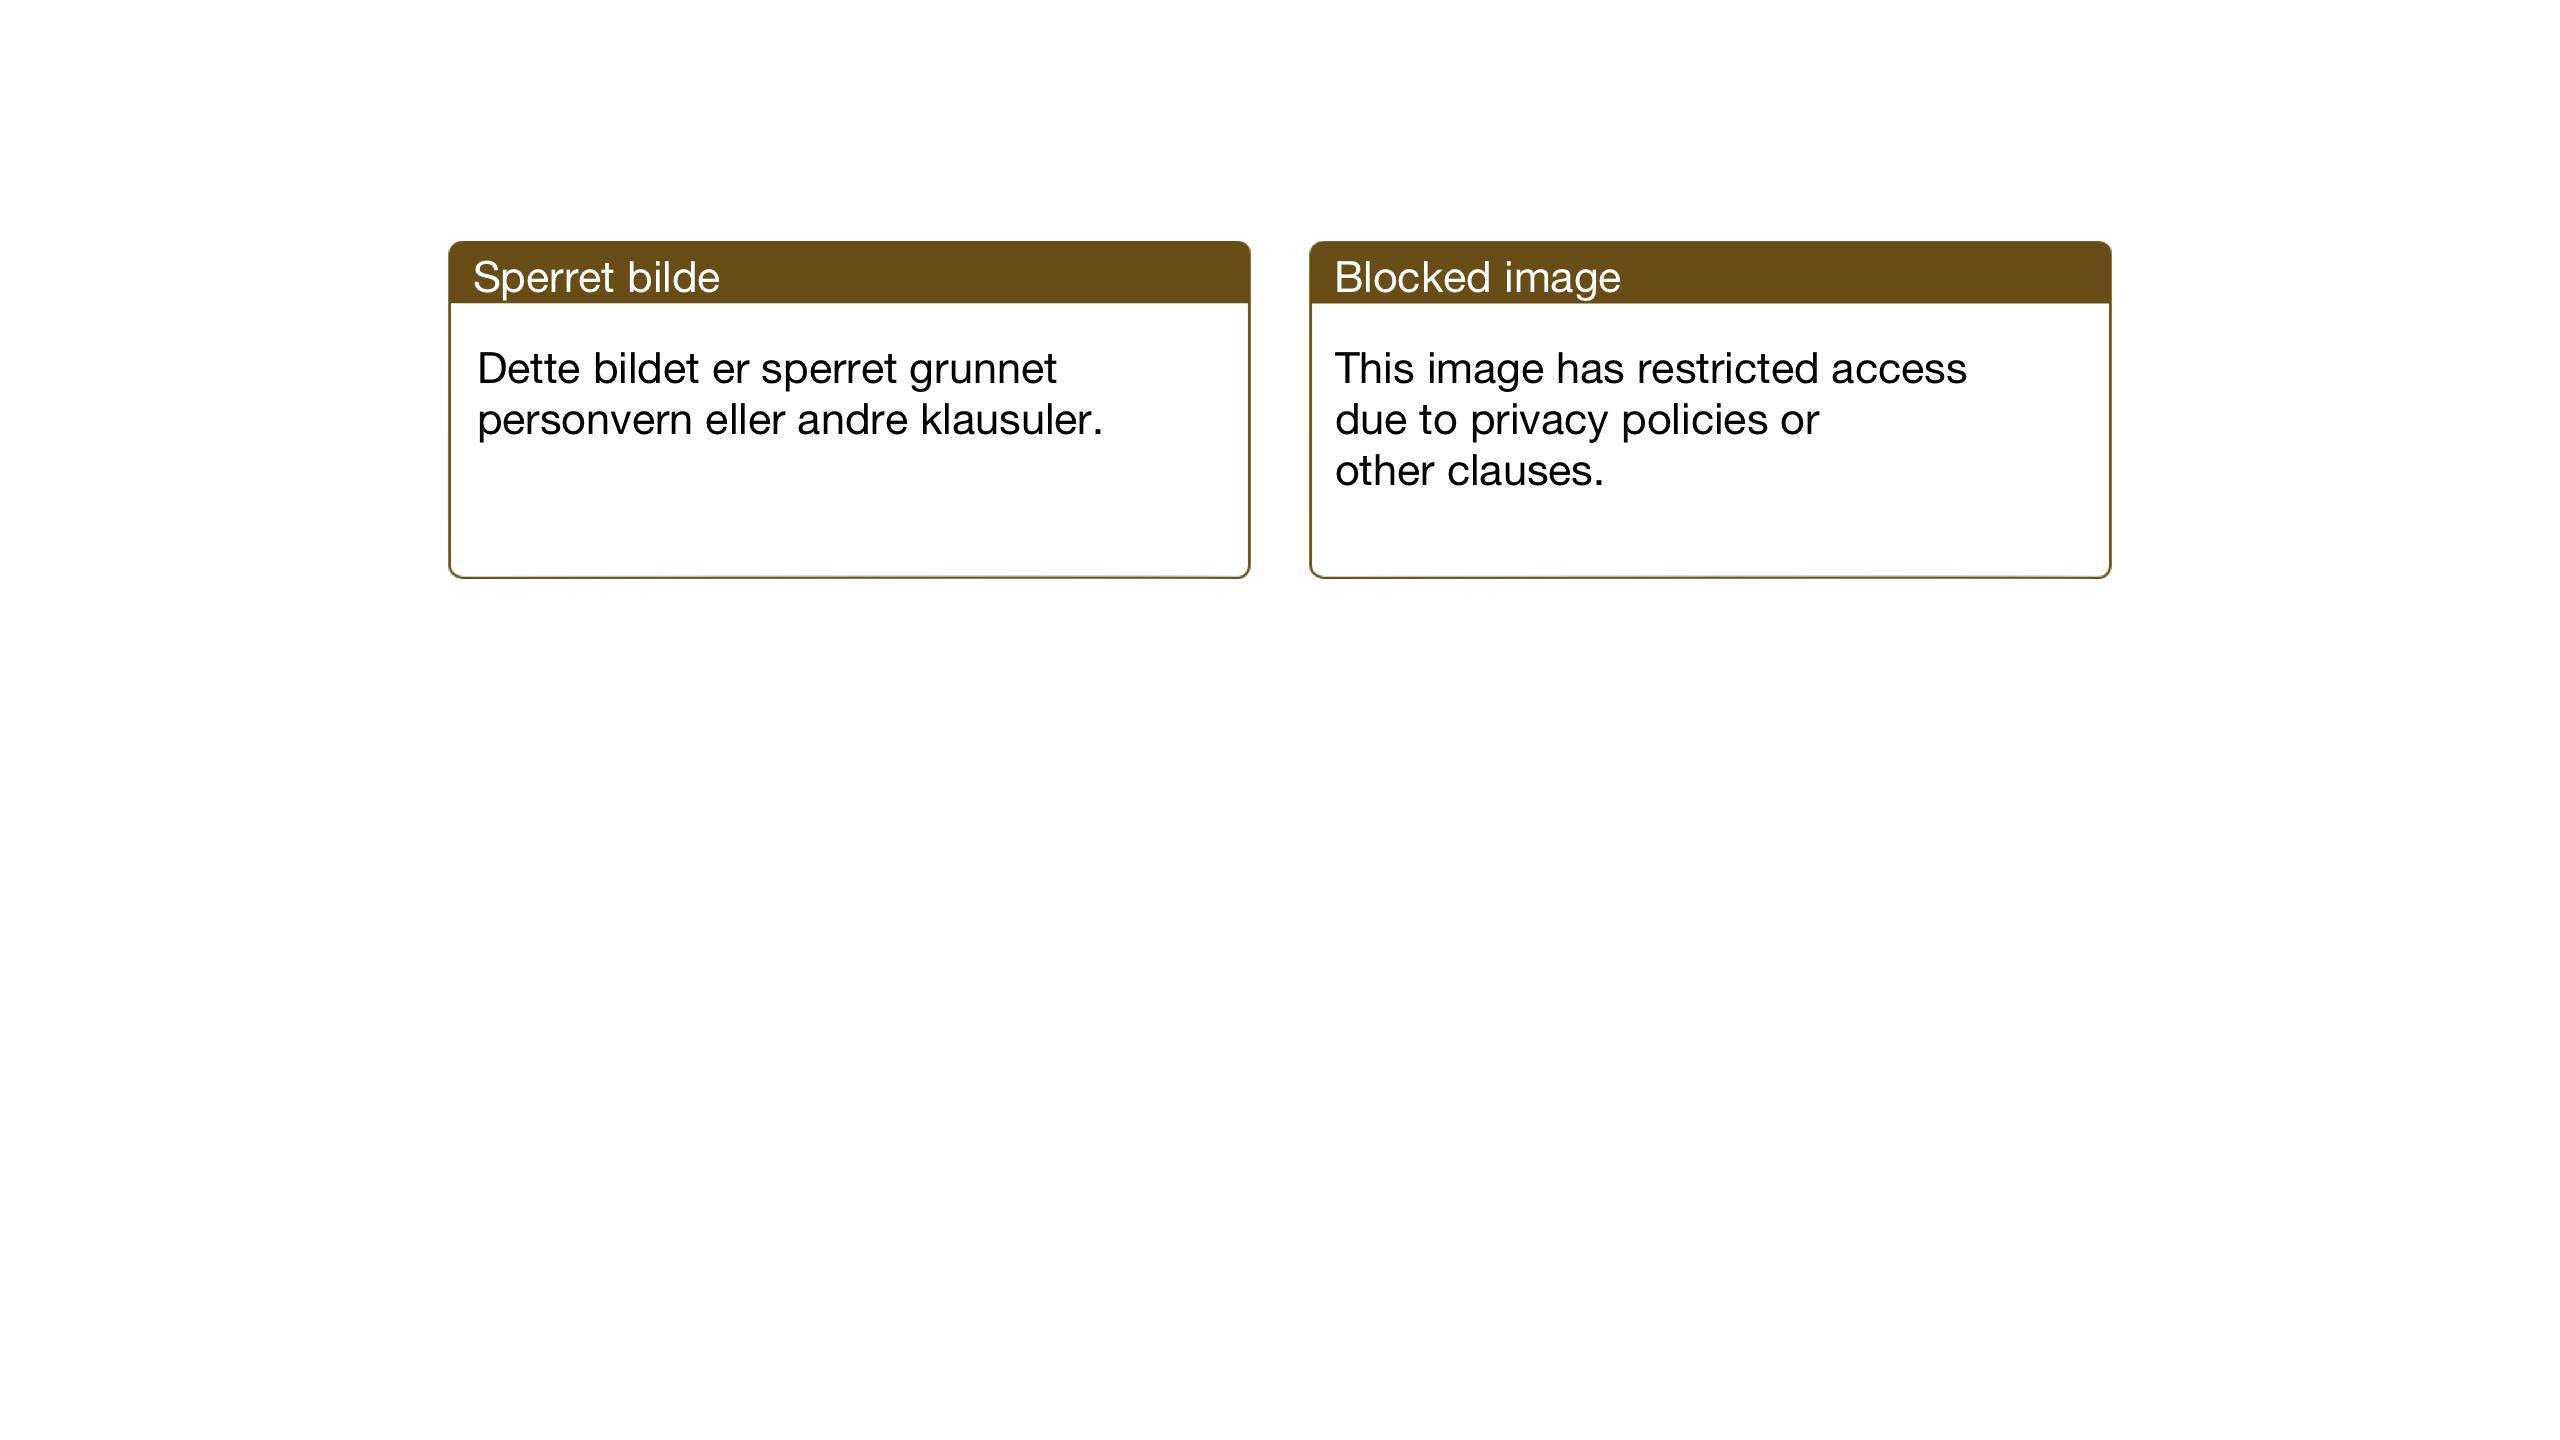 SAT, Ministerialprotokoller, klokkerbøker og fødselsregistre - Nord-Trøndelag, 770/L0592: Klokkerbok nr. 770C03, 1941-1950, s. 86